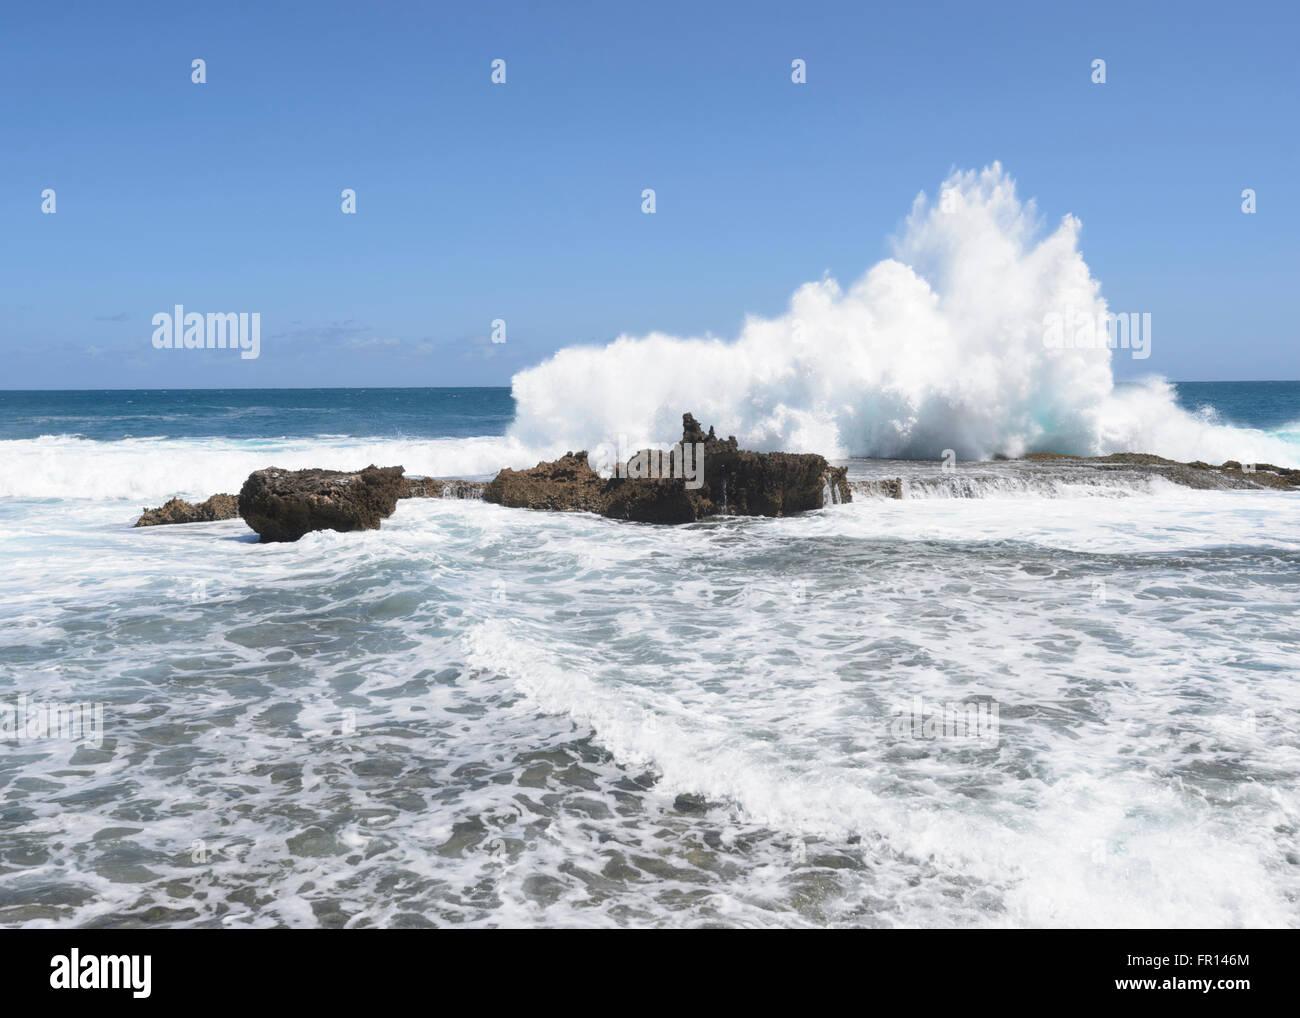 El mar embravecido en el punto Quobba, cerca de Carnarvon, Coral Coast, Gascoyne Región, Australia Occidental Foto de stock